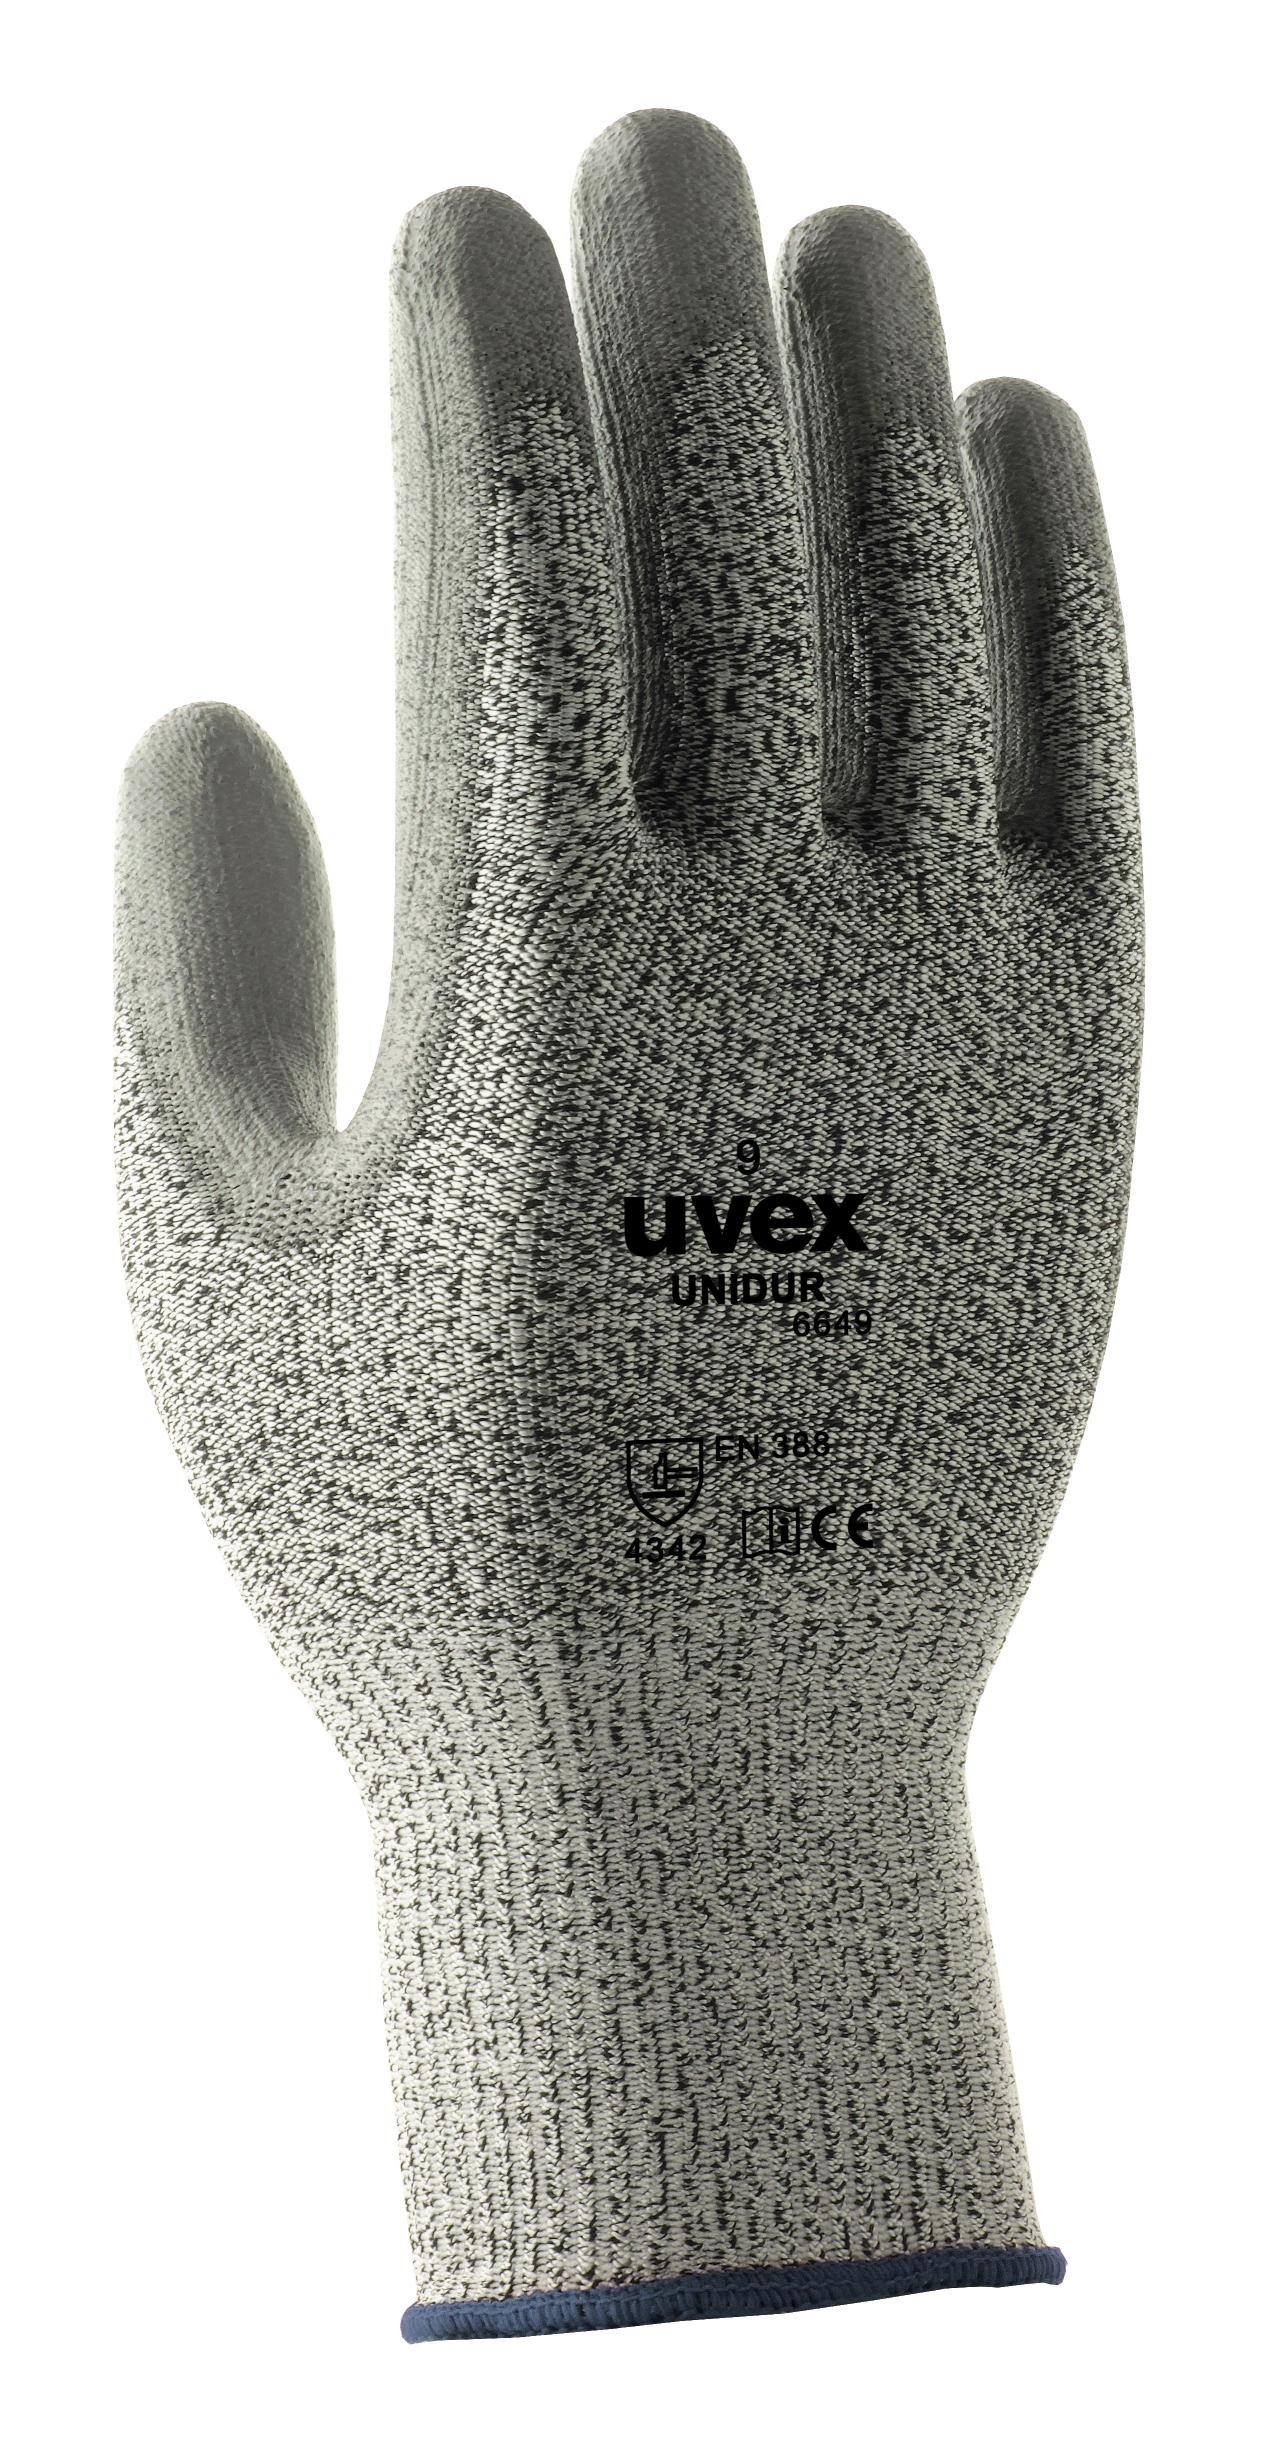 UVEX darba cimdi Unidur 6649. 3. limena griezumu aizsardziba, HPPE, poliamida materials ar PU parklajumu, izmers 10 UV6051610 darba apavi